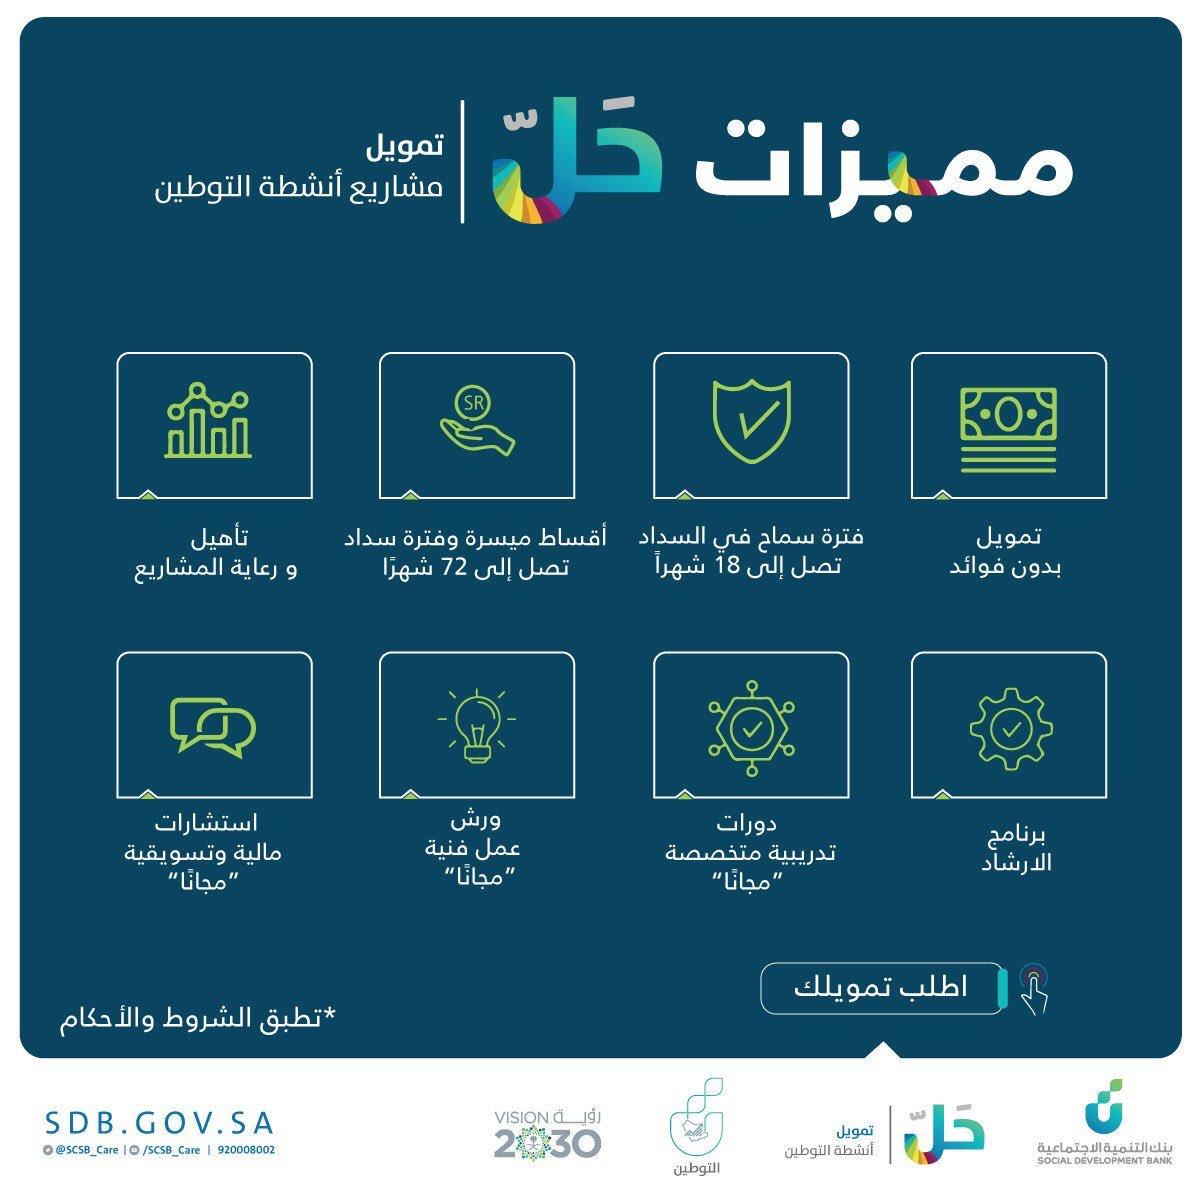 حل لتمويل المواطنين في الأنشطة المُسعودة حتى مليون ريال وبـ8 مميزات